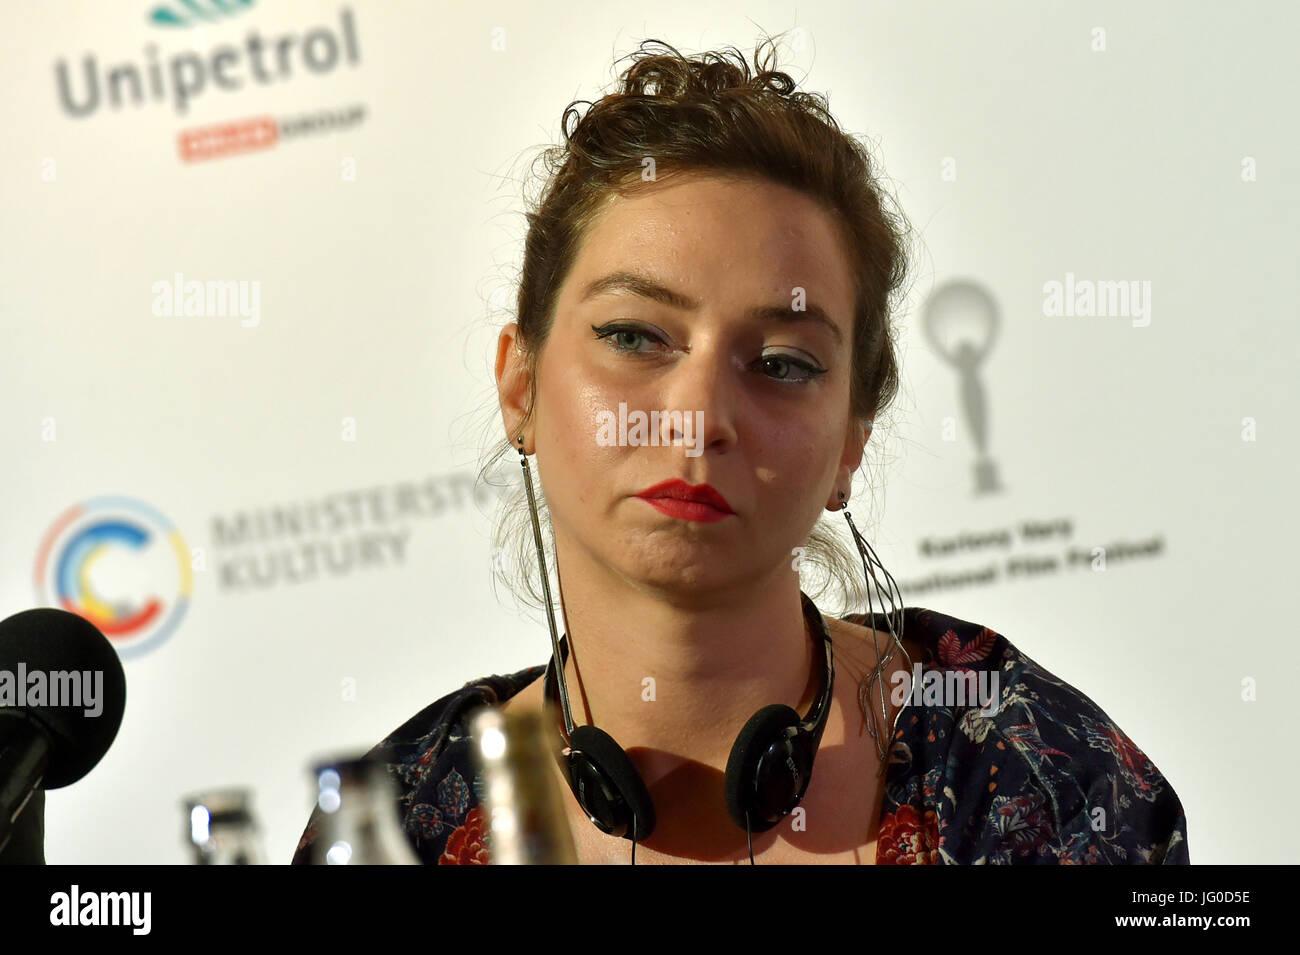 Turkish Actress Stock Photos & Turkish Actress Stock